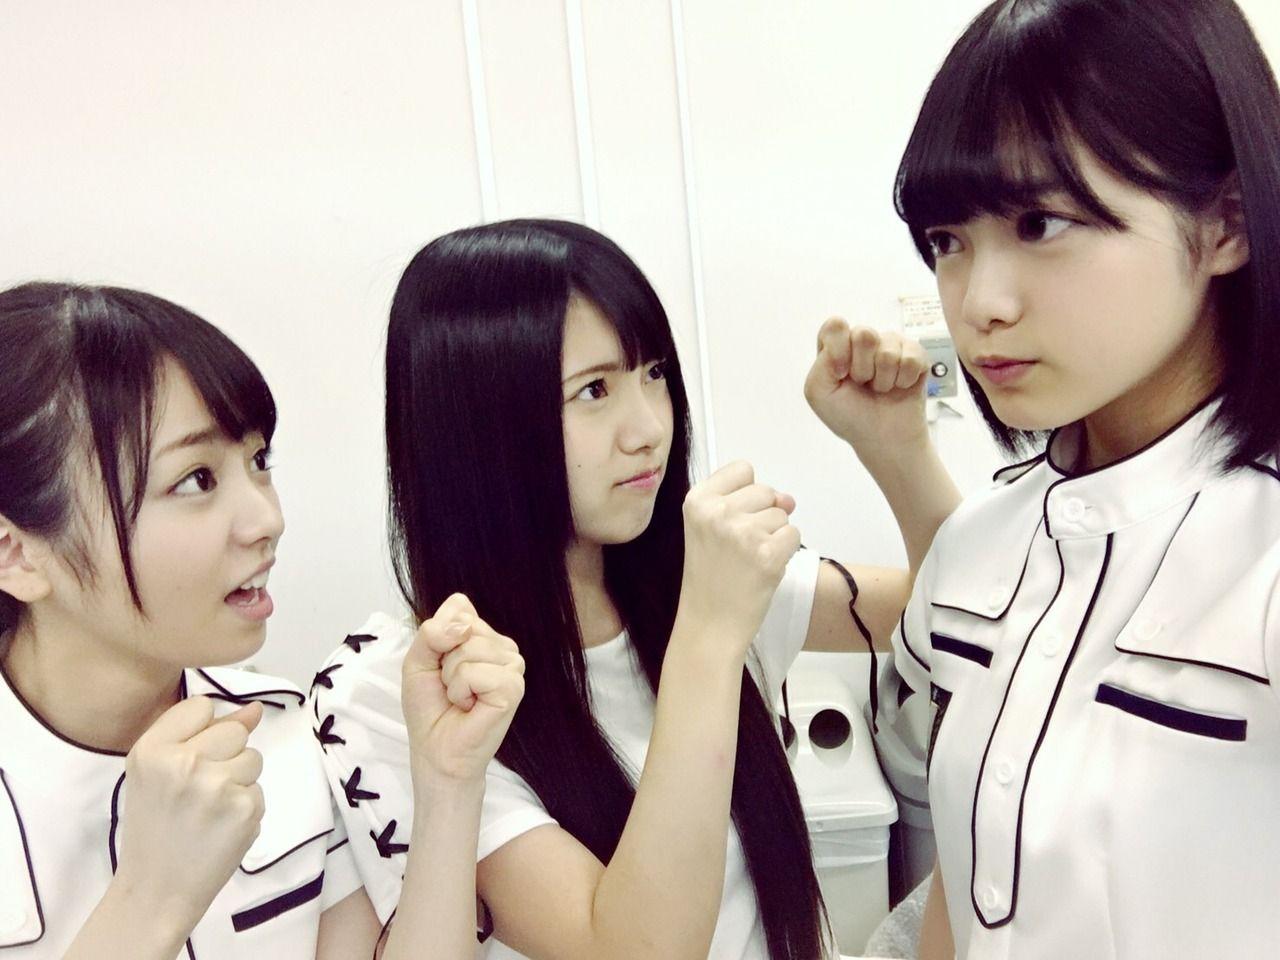 乃木坂と欅坂ってどっちが可愛いん?【画像あり】